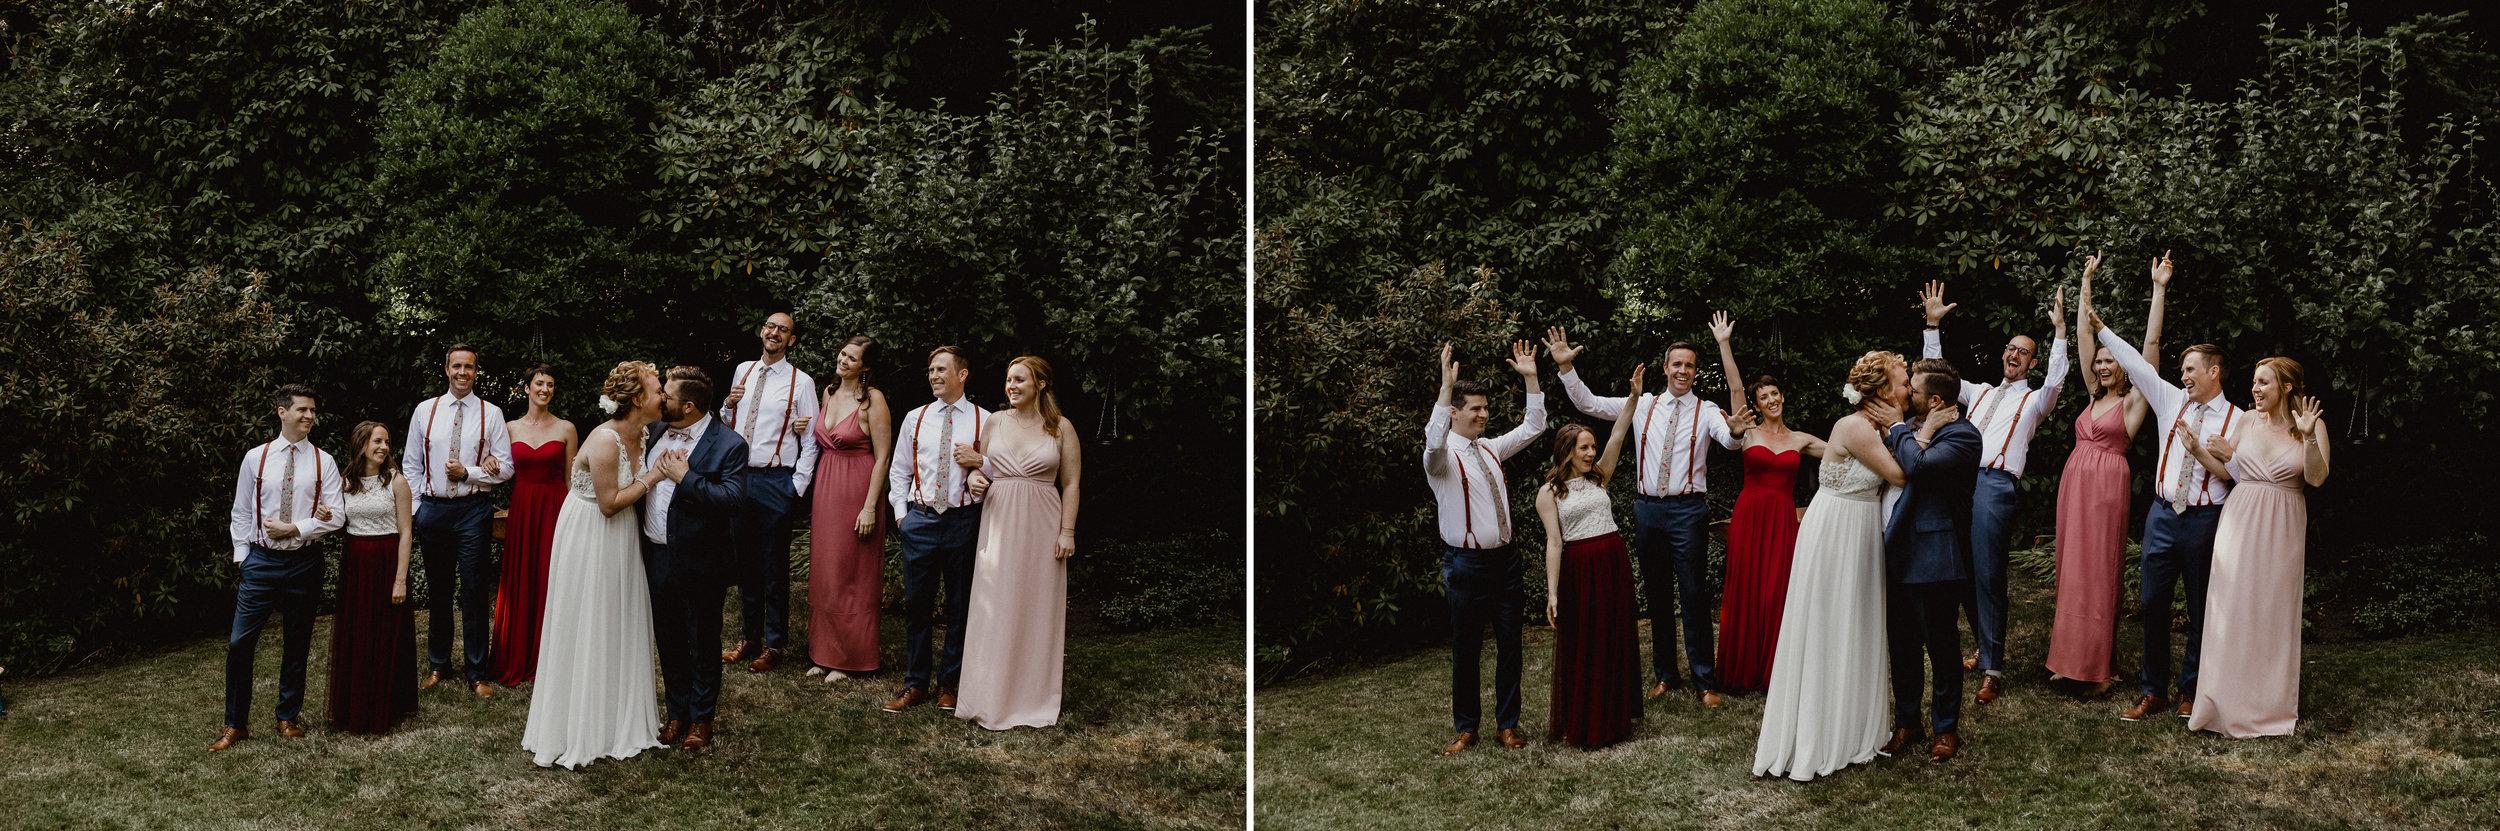 west-vancouver-backyard-wedding-162.jpg